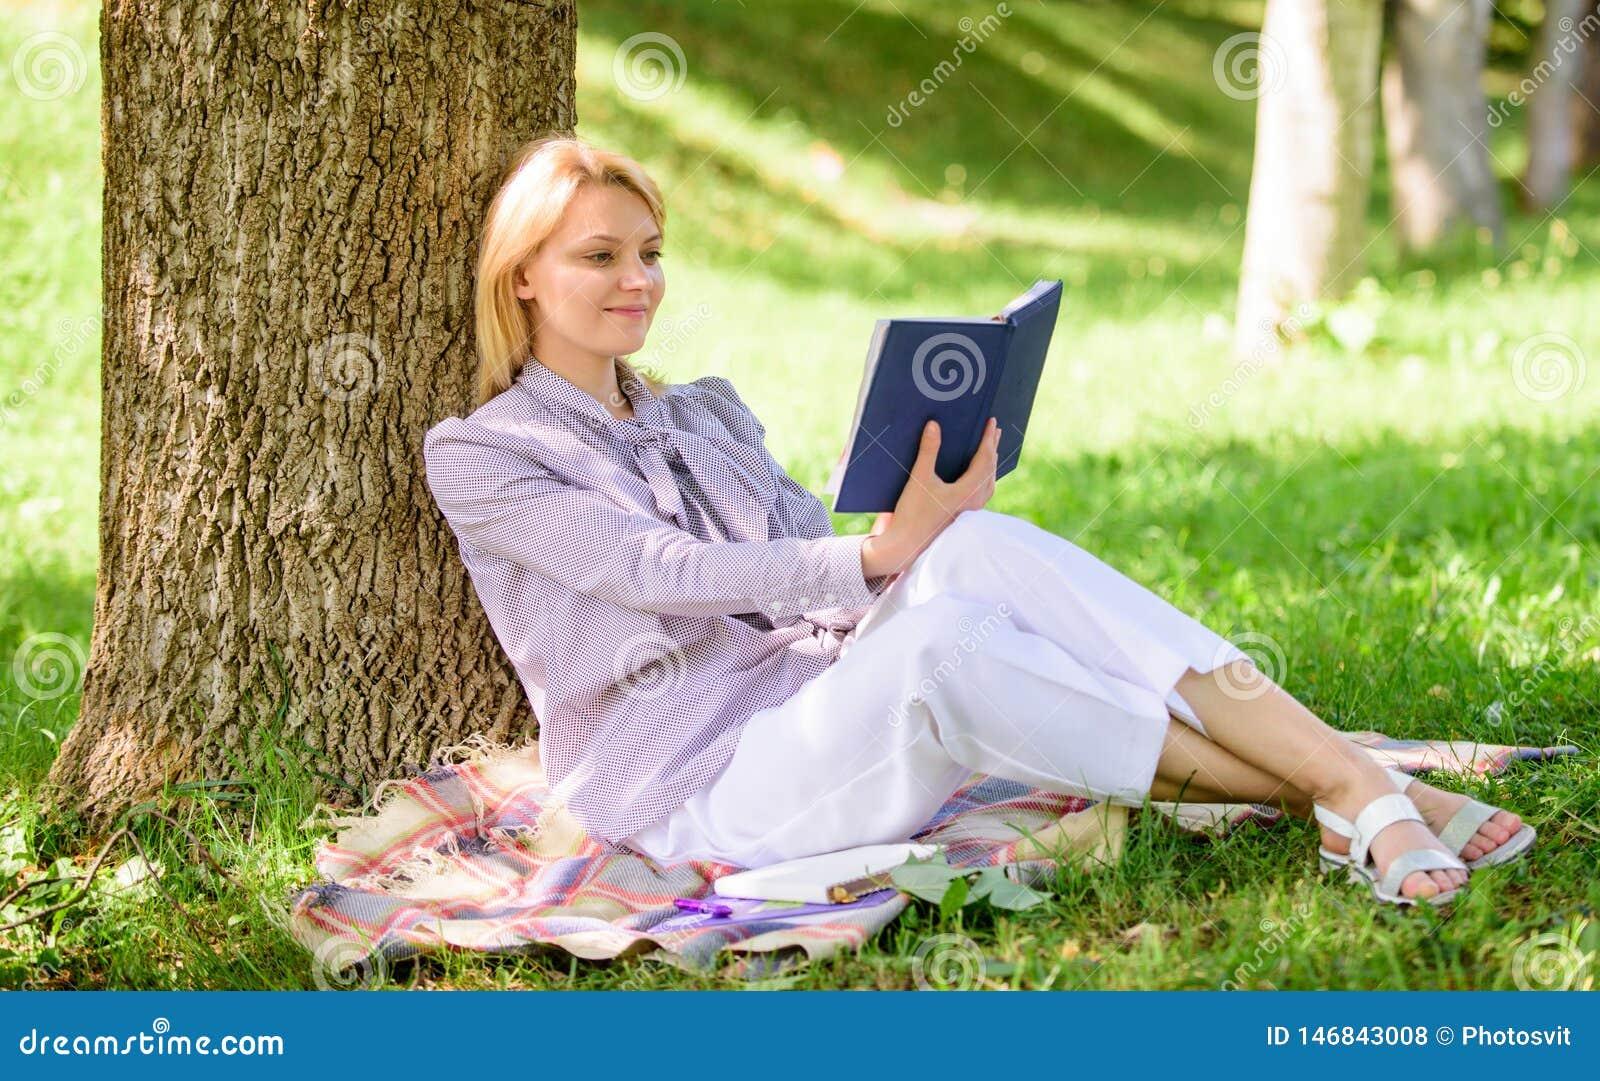 Дама дела находит минута для чтения книги улучшить ее знание Женское улучшение собственной личности Девушка полагается на промежу